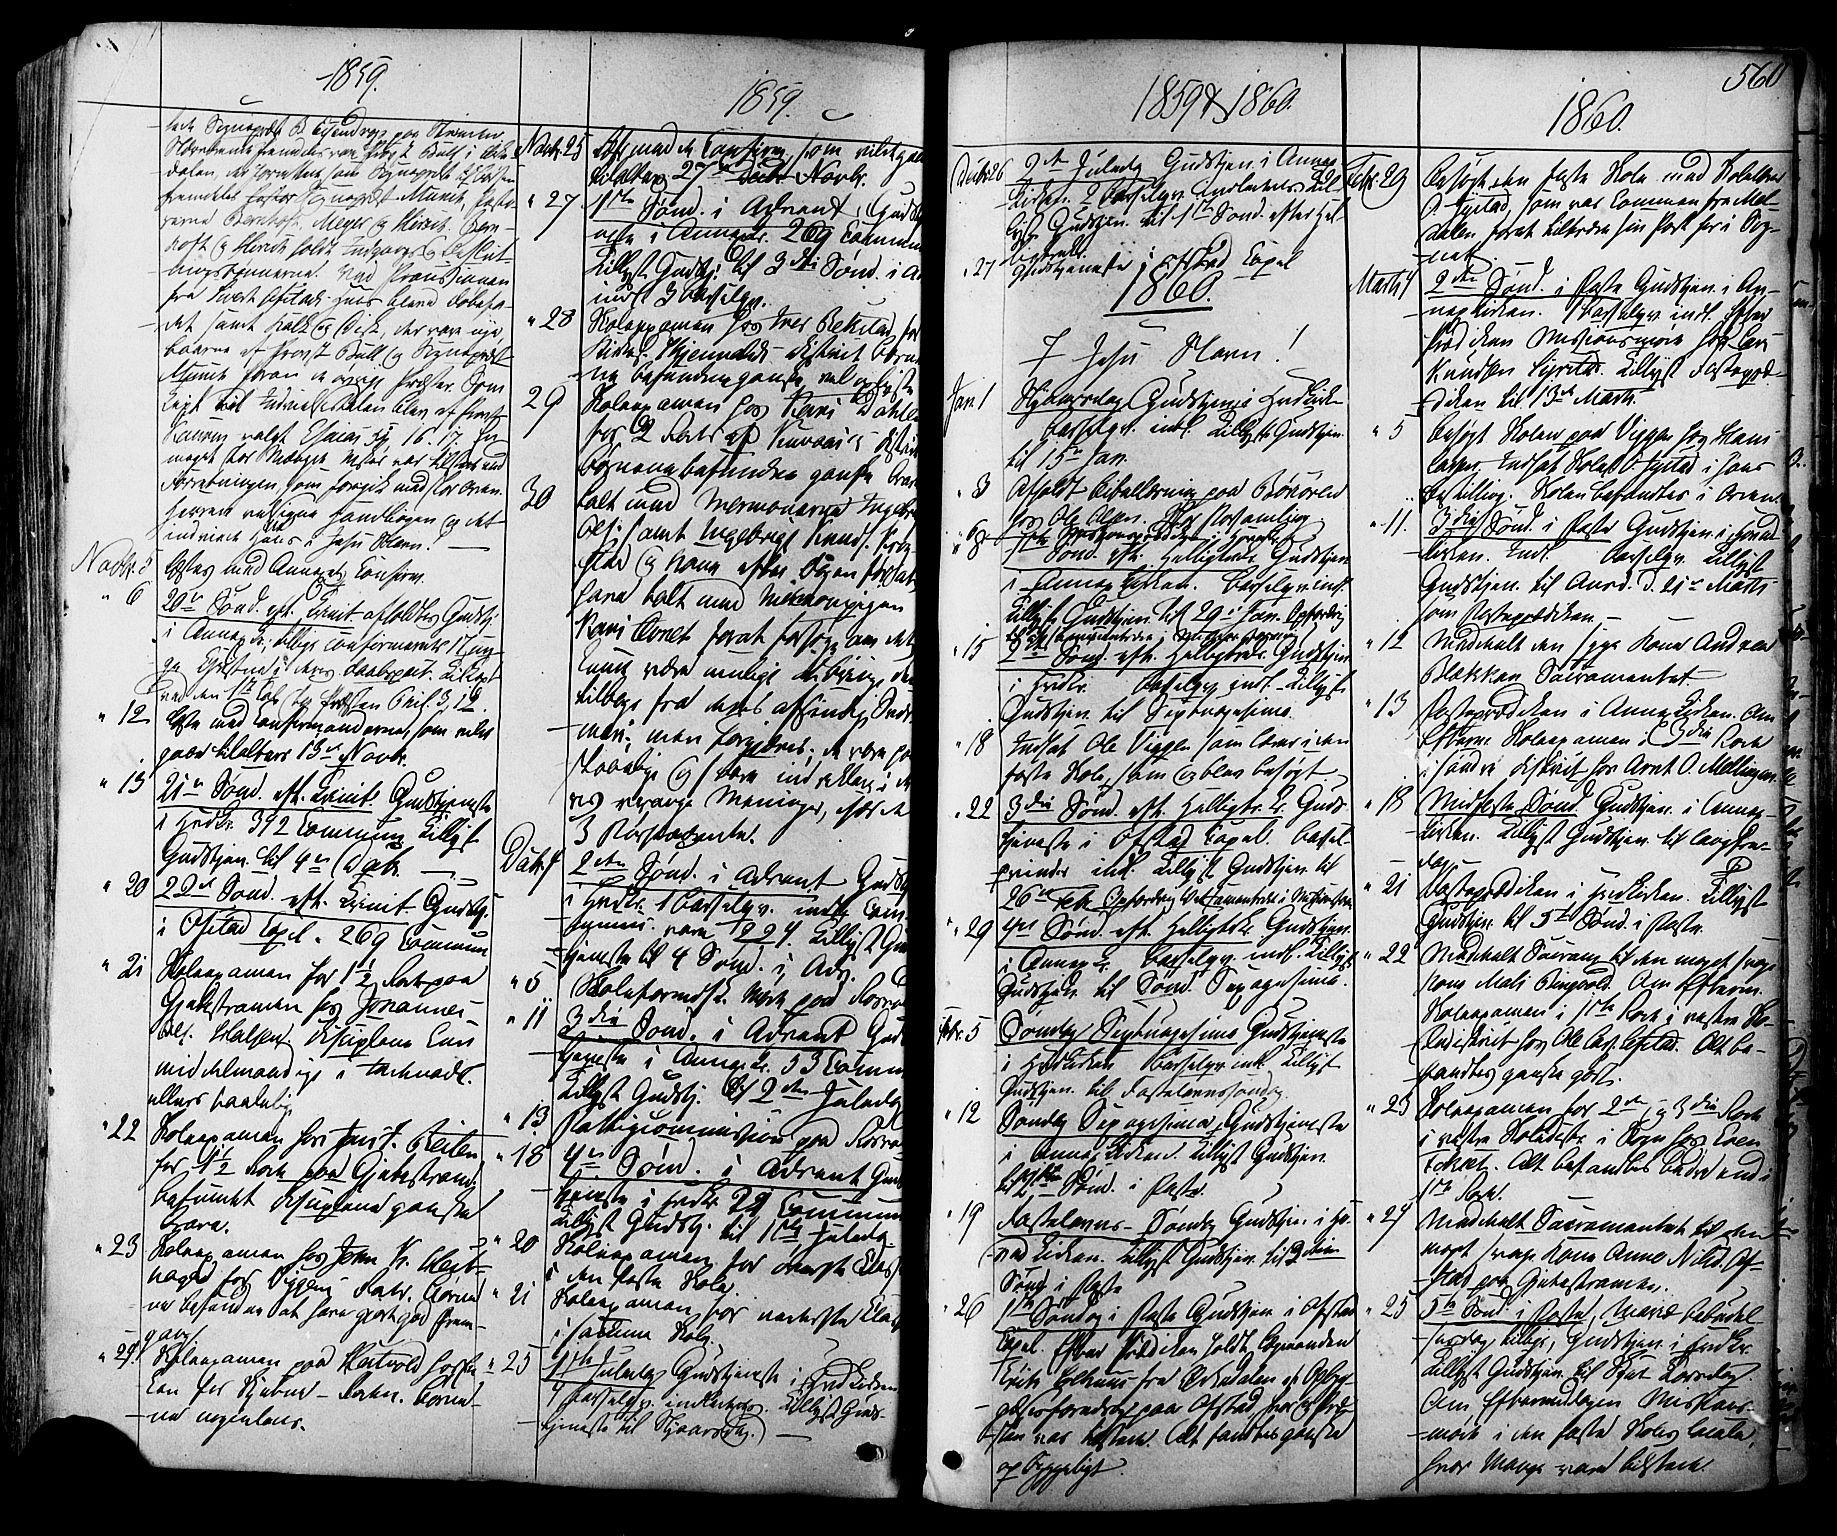 SAT, Ministerialprotokoller, klokkerbøker og fødselsregistre - Sør-Trøndelag, 665/L0772: Ministerialbok nr. 665A07, 1856-1878, s. 560